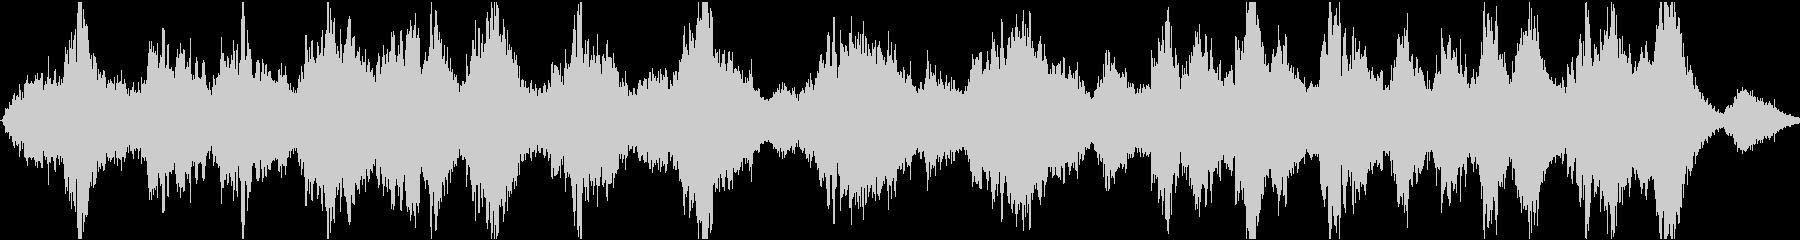 実験的 アンビエントミュージック ...の未再生の波形